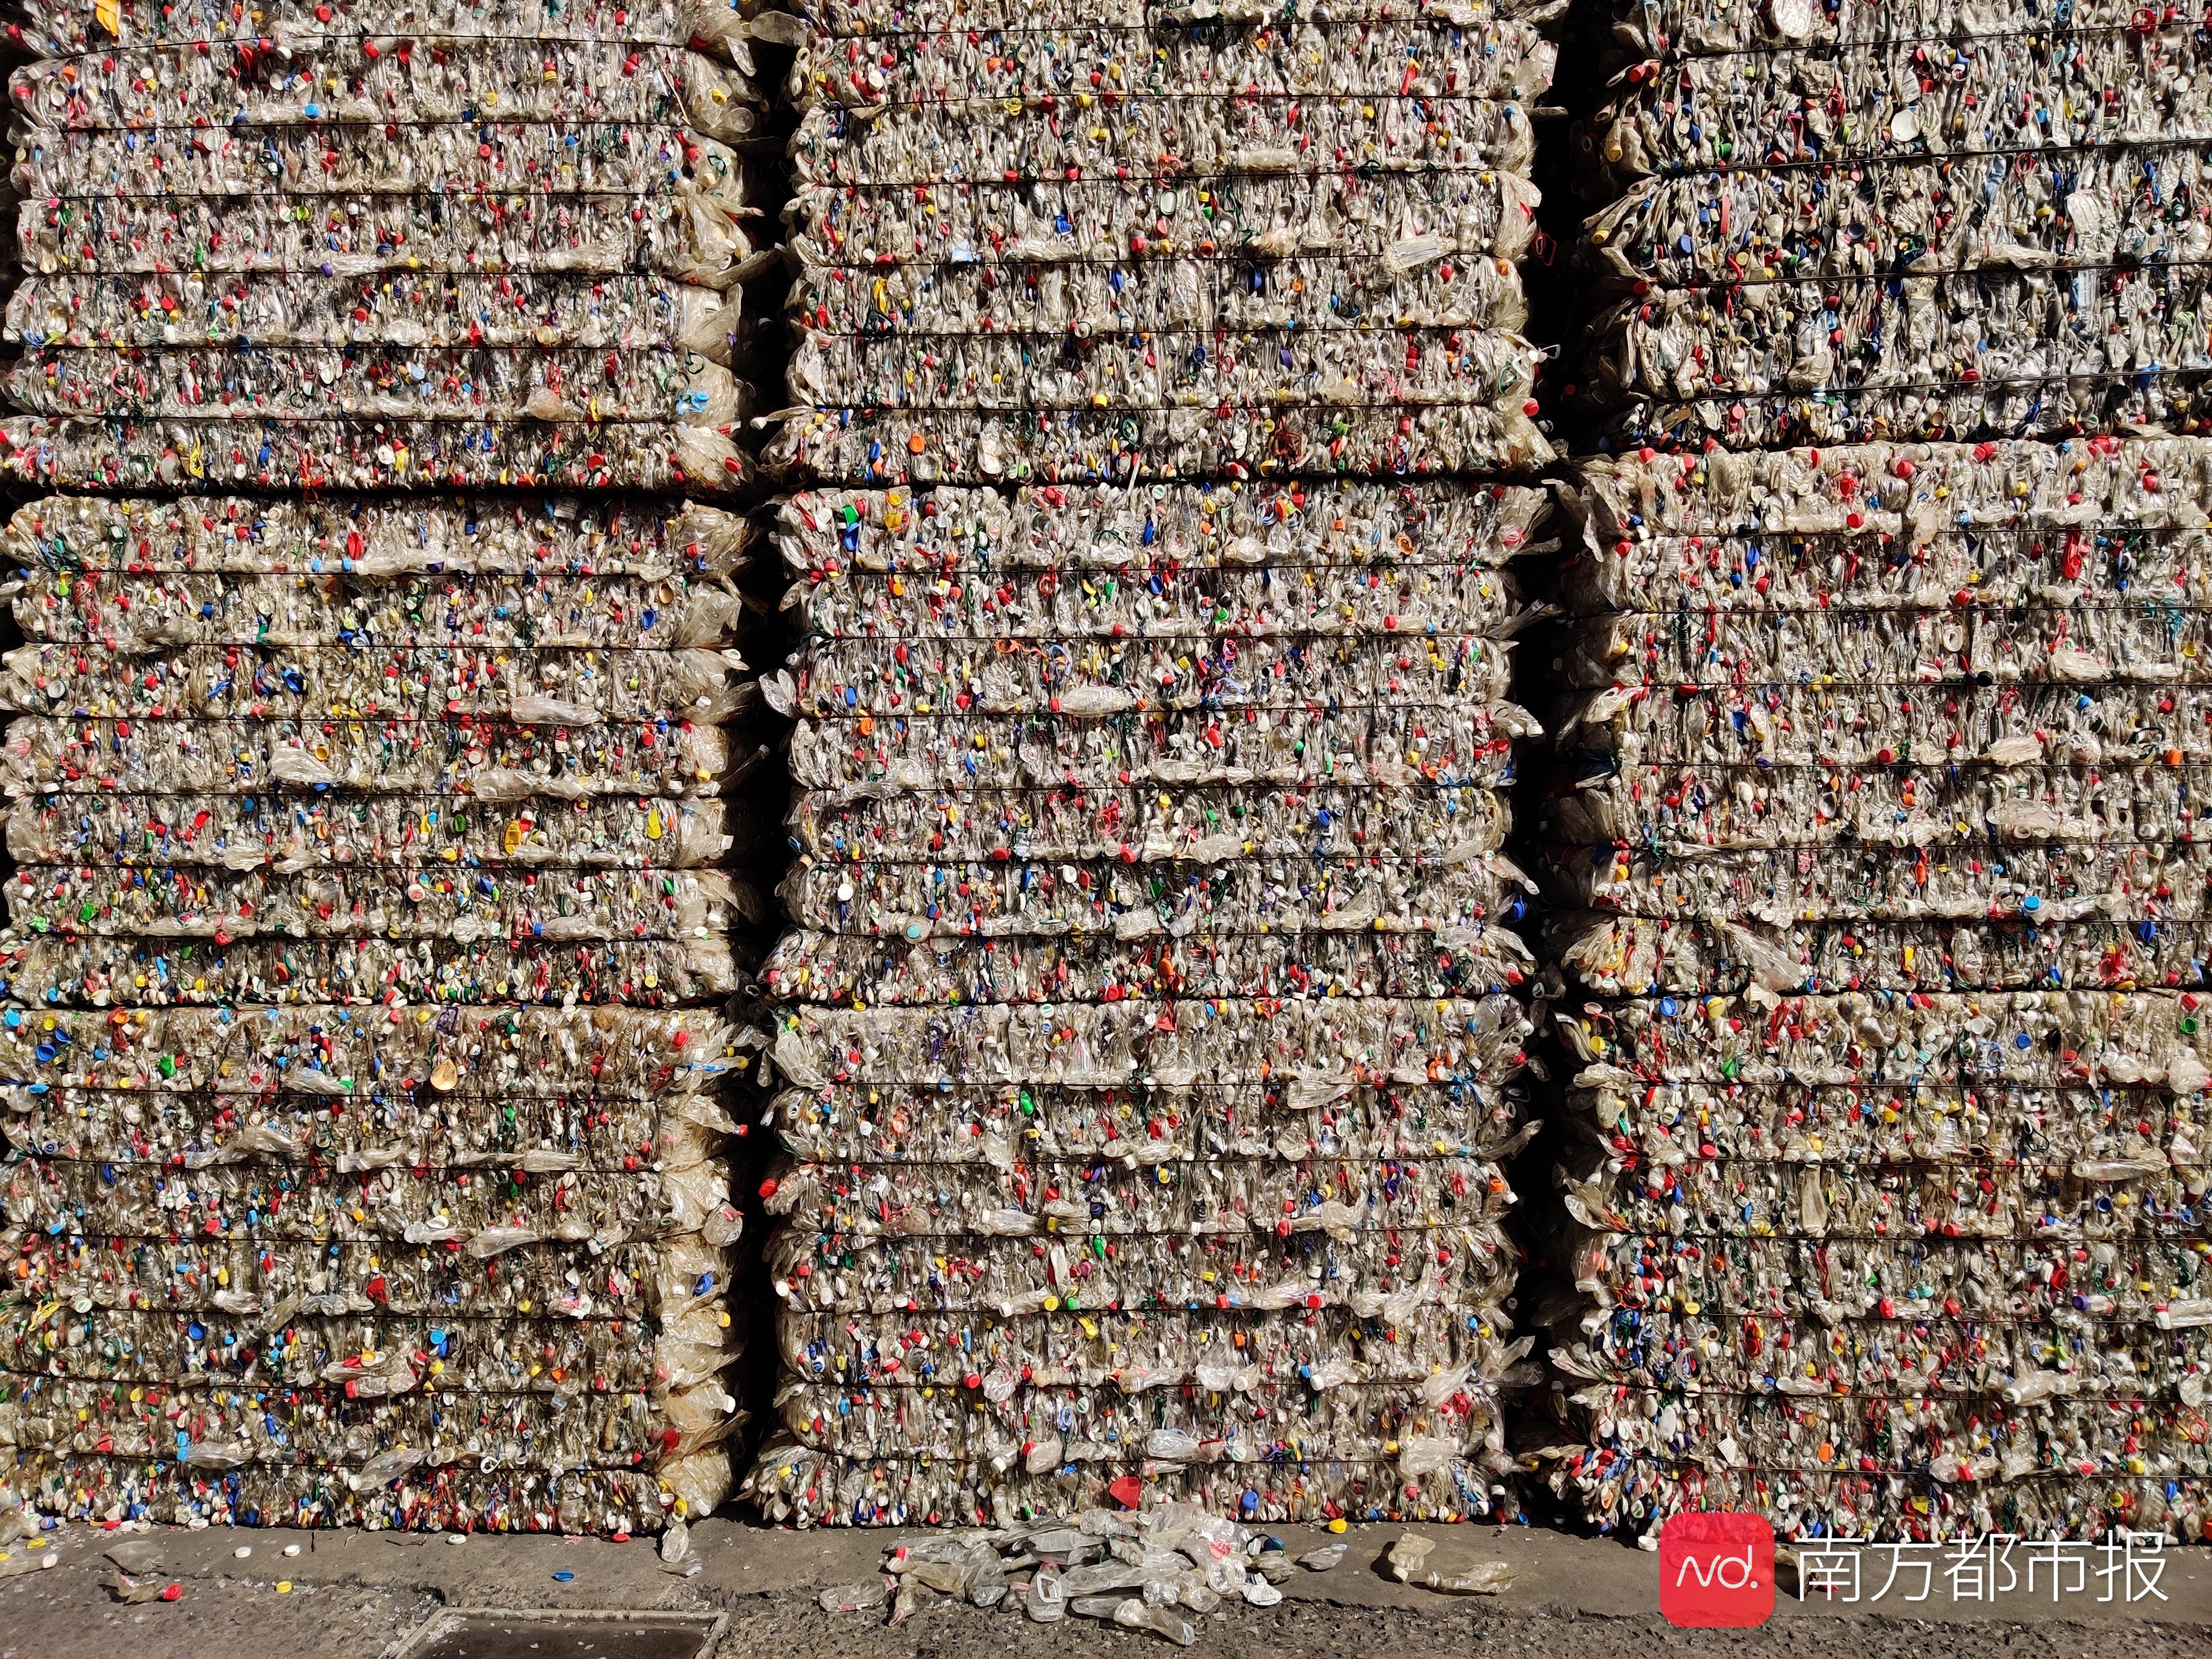 """揭秘废弃塑料如何""""重生"""",经回收利用成为衣服、瓶子、零件……"""